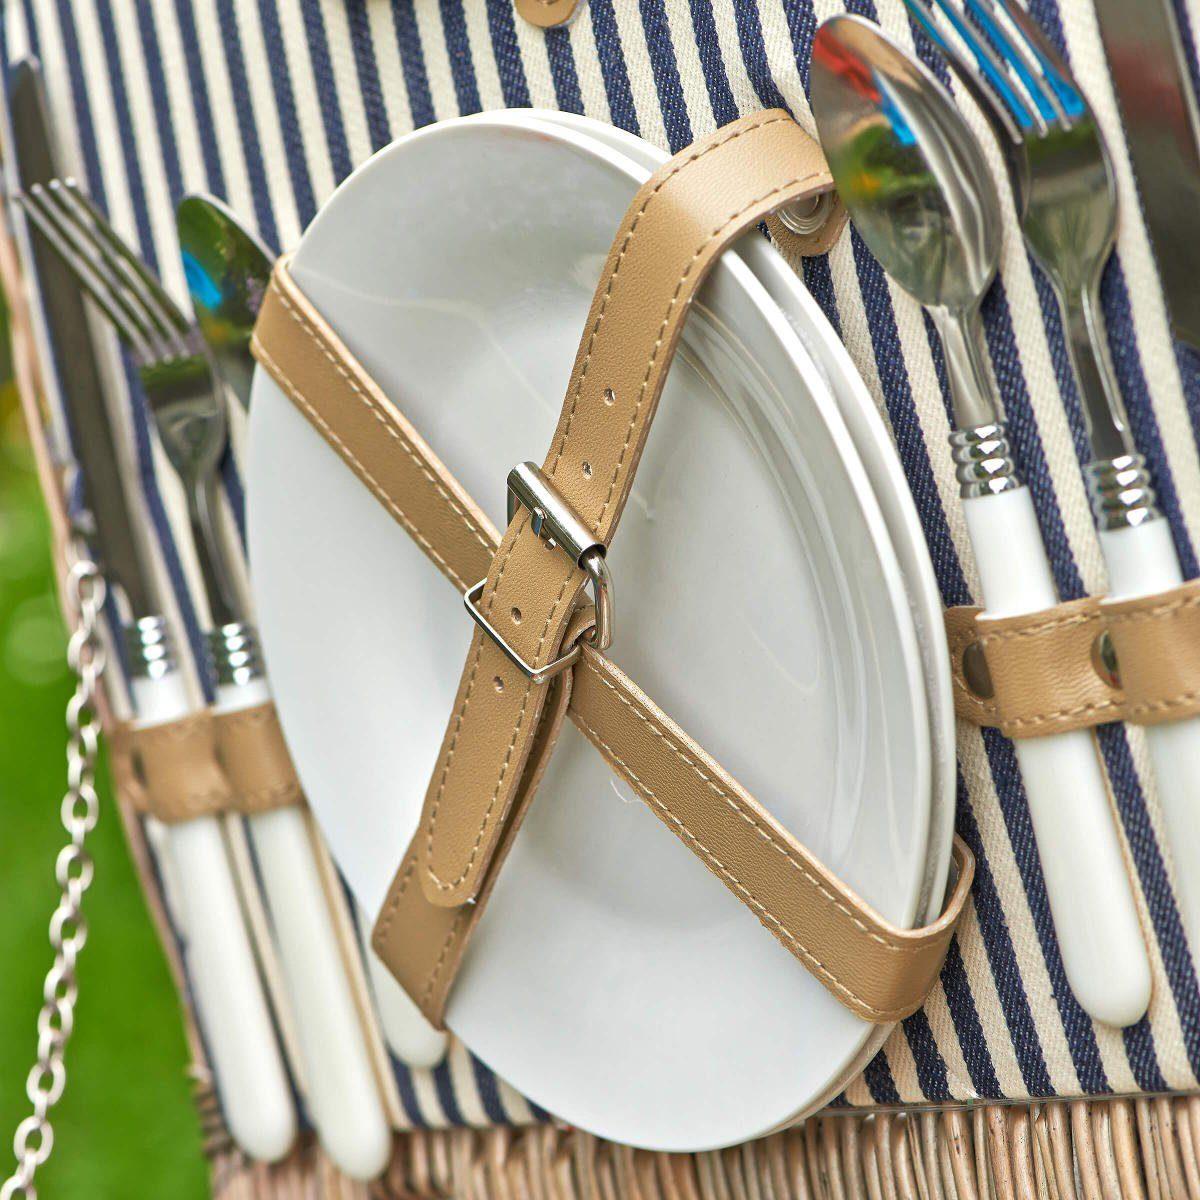 BUTLERS A DAY IN THE PARK »Picknickkorb für 2 Personen«